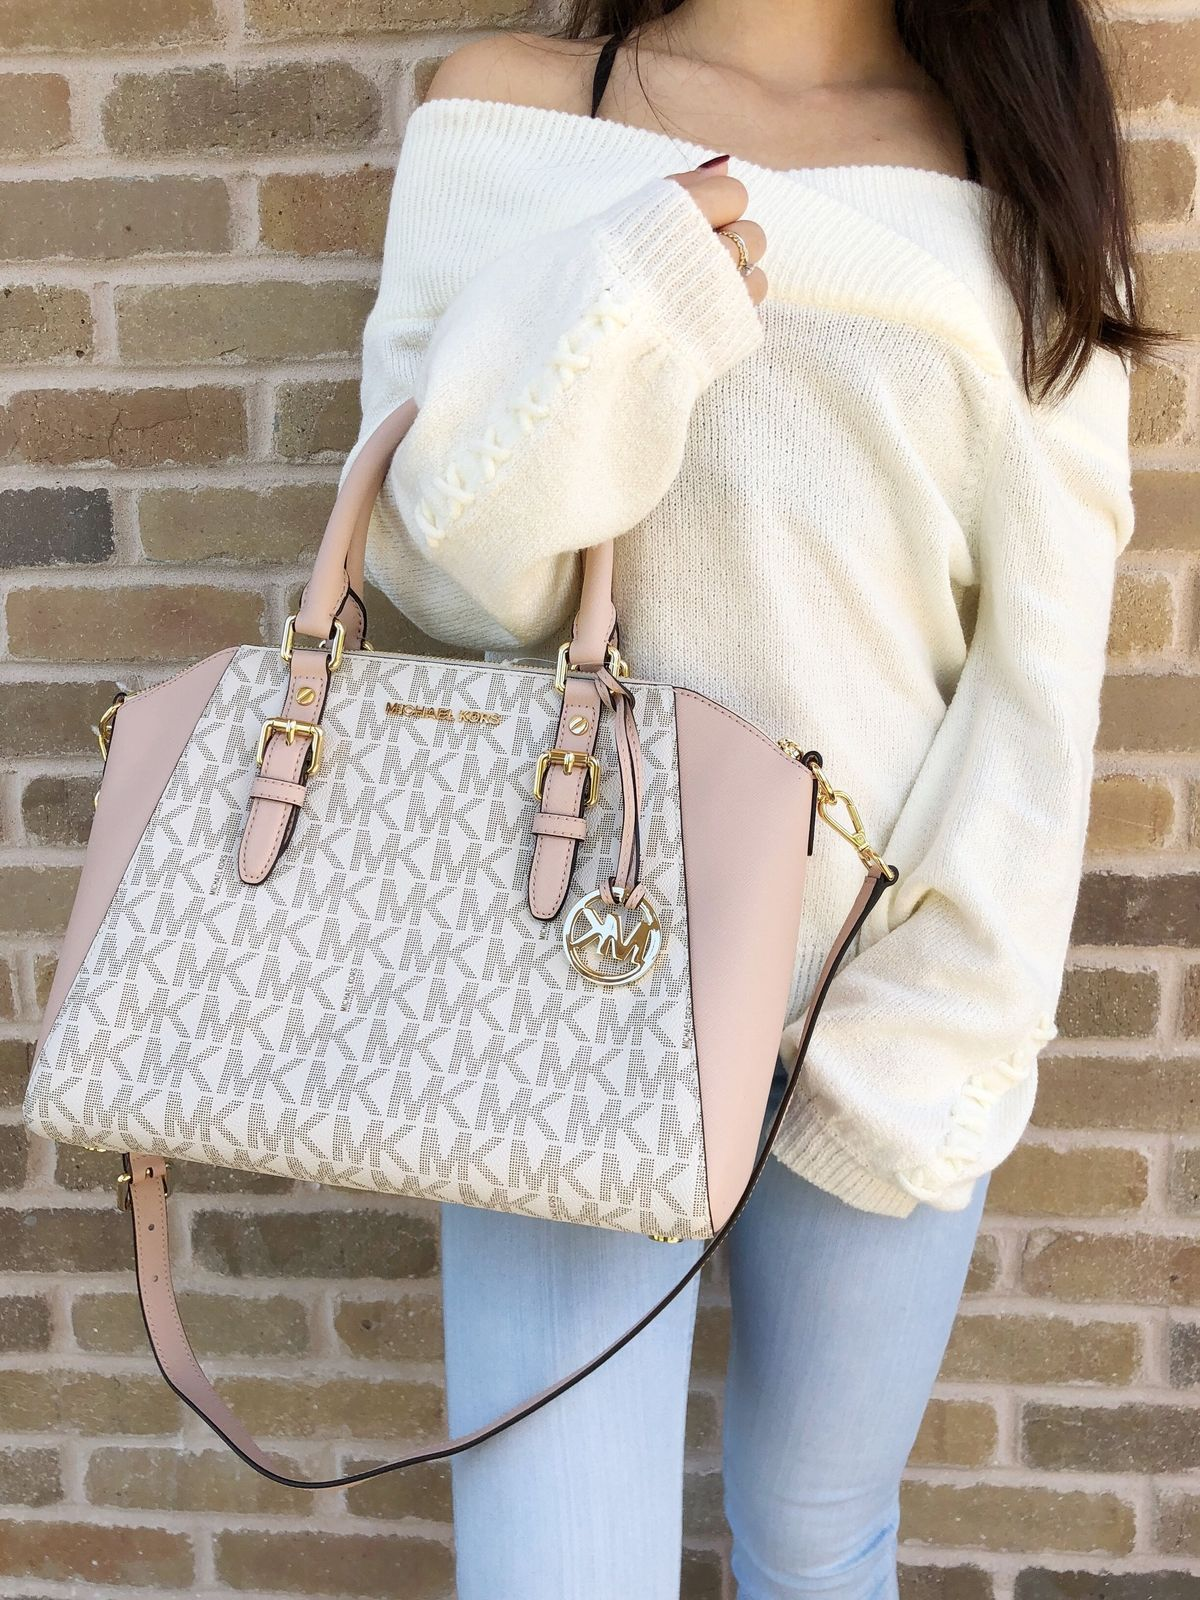 481aecc88c36d8 NWT Michael Kors Ciara Large Top Zip Satchel Vanilla Signature MK Ballet  Pink